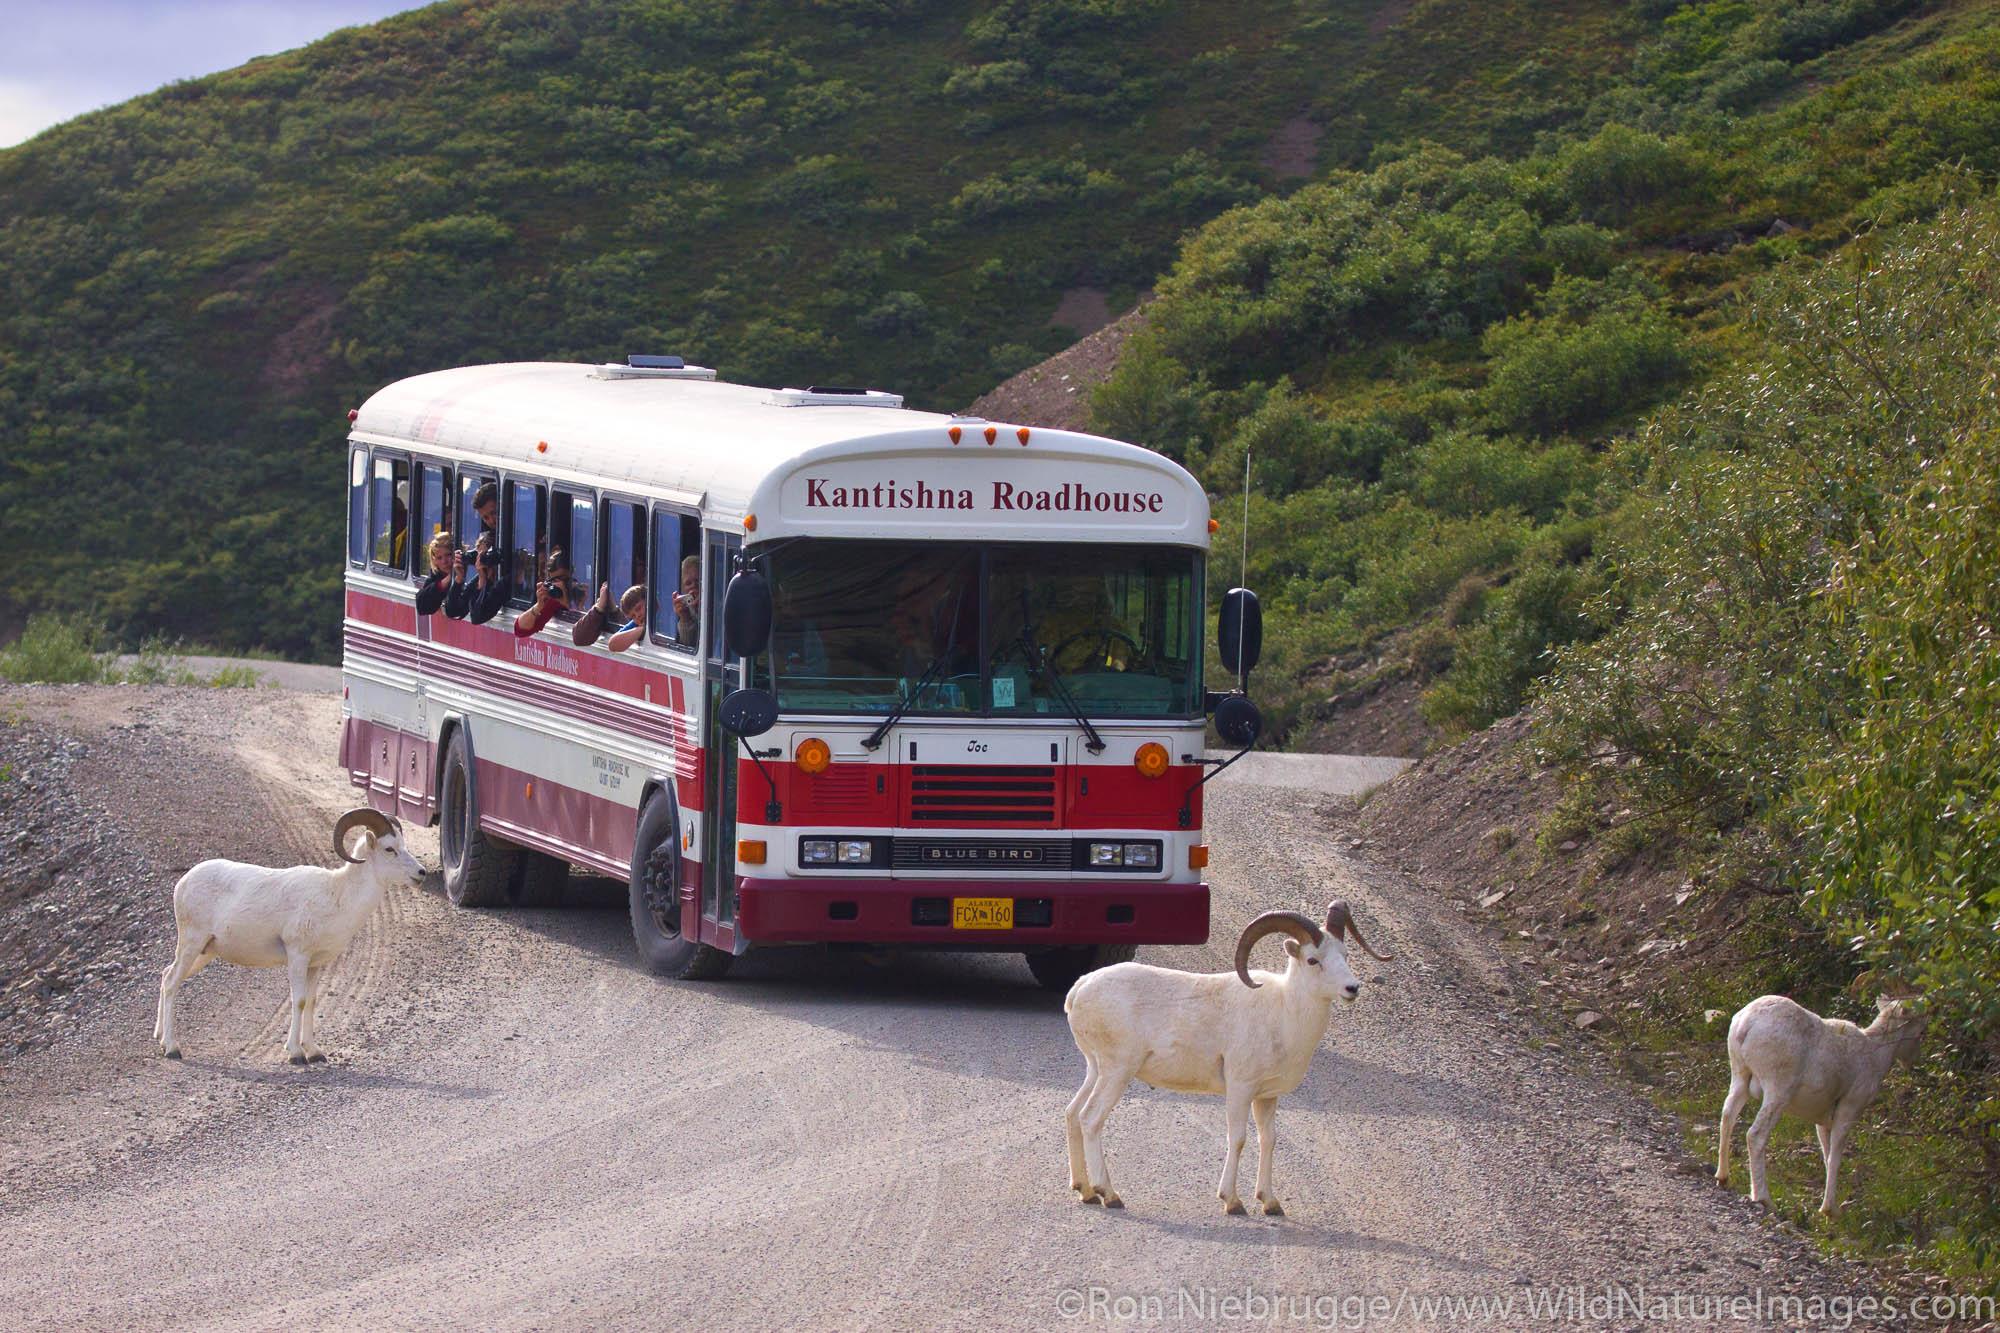 Kantishna Roadhouse bus and Dall's Sheep, Denali National Park, Alaska.